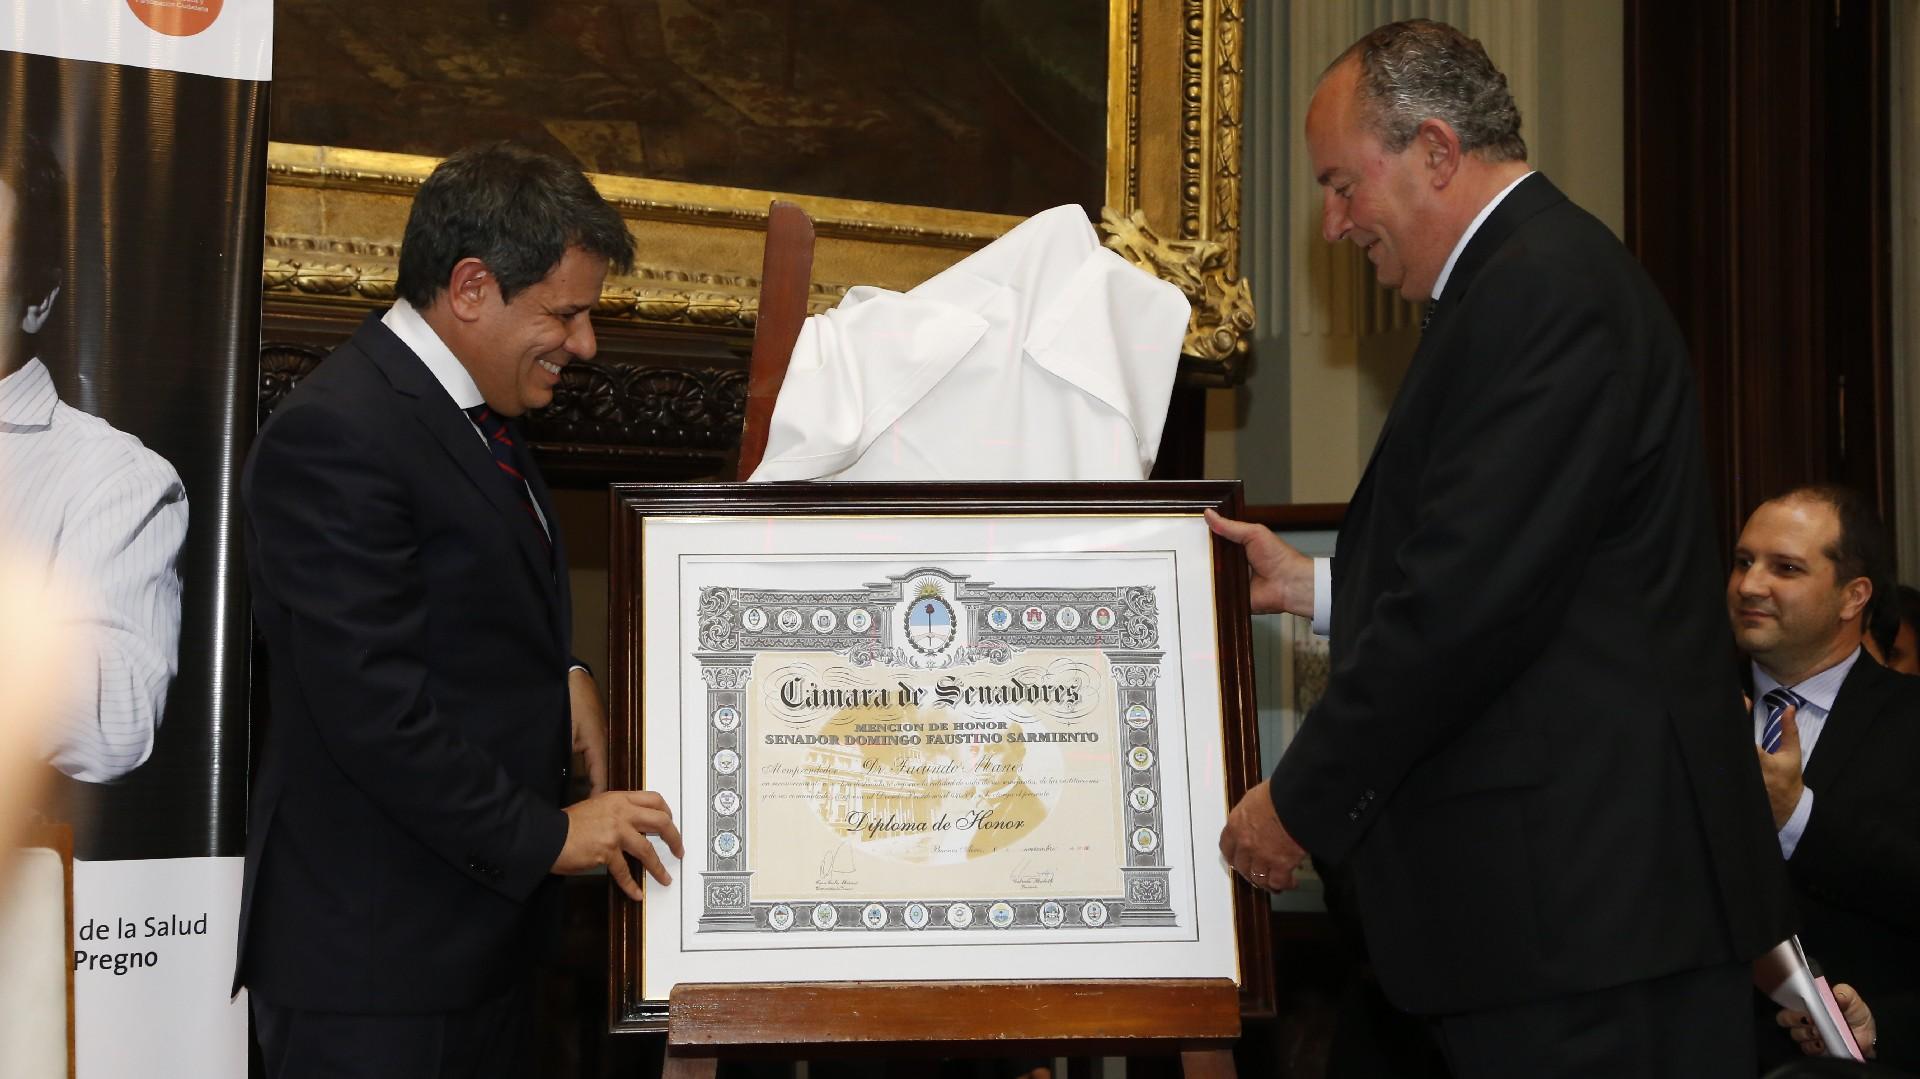 El senador Marino le entrega la distinción Domingo F. Sarmiento a Manes